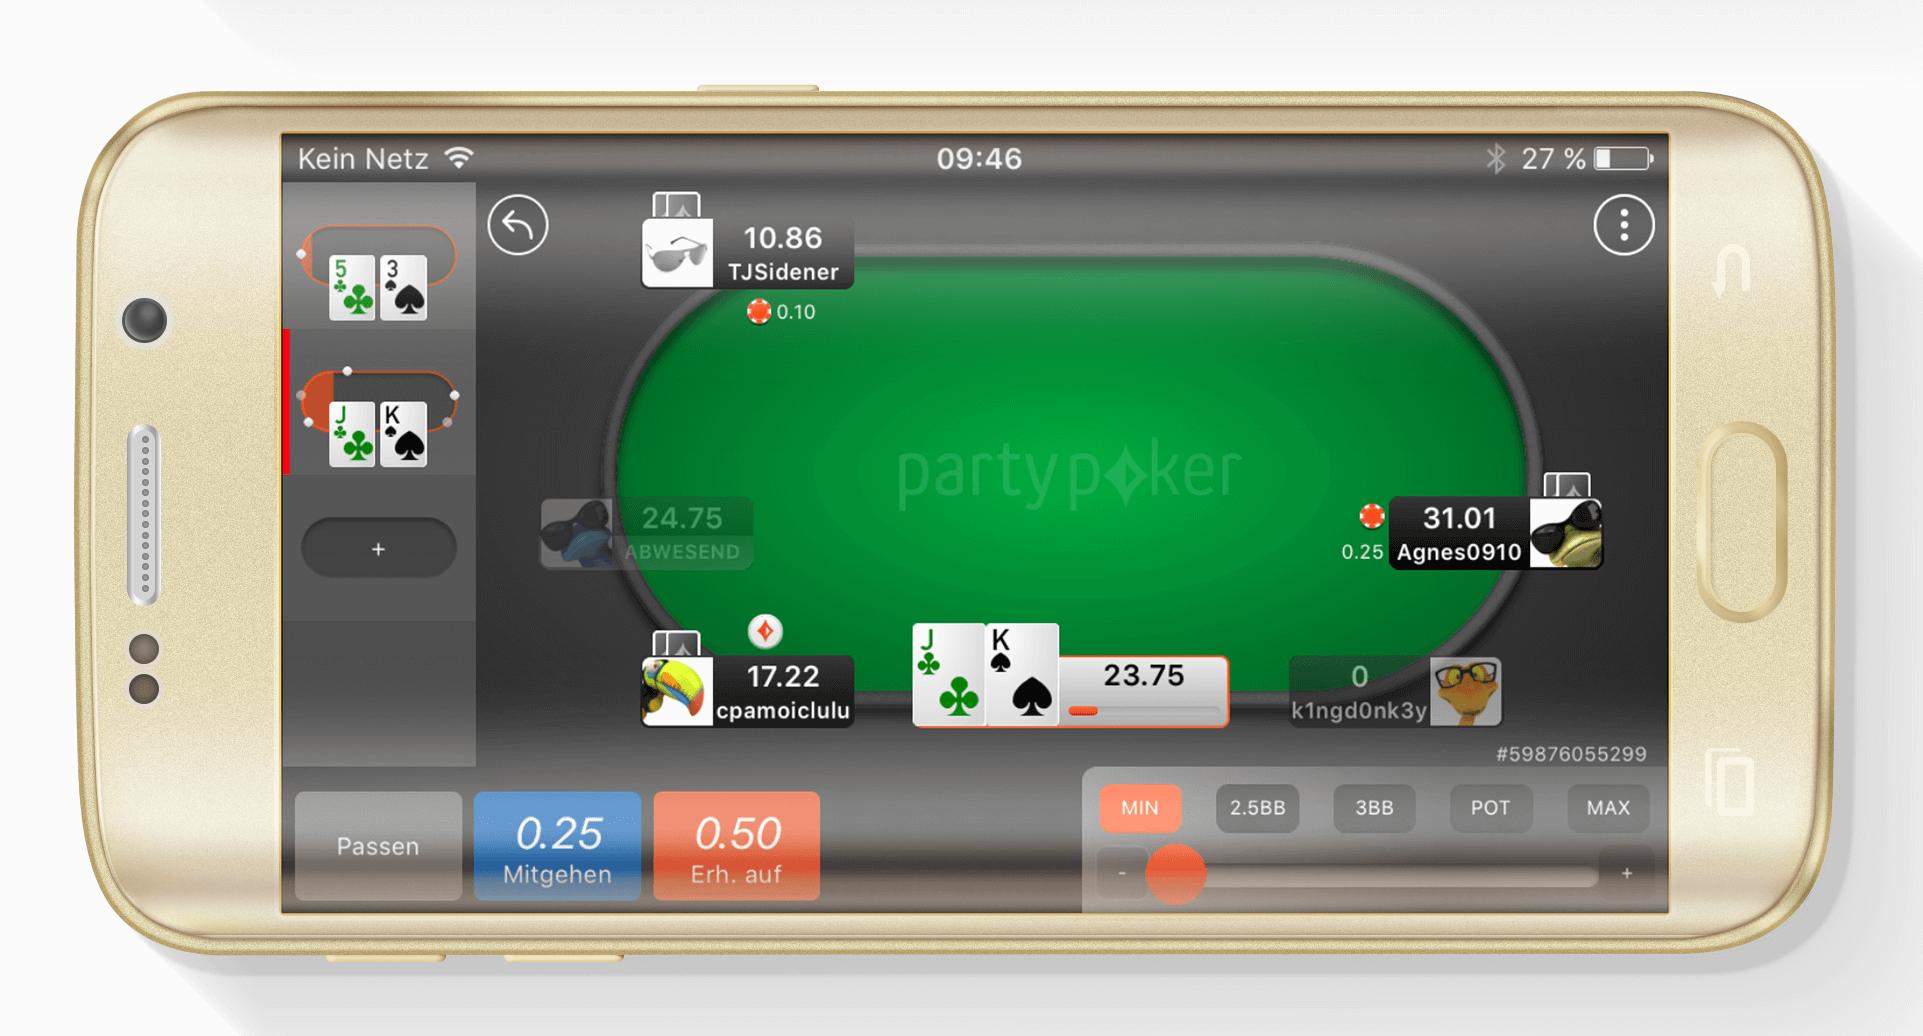 Casino app - 738261